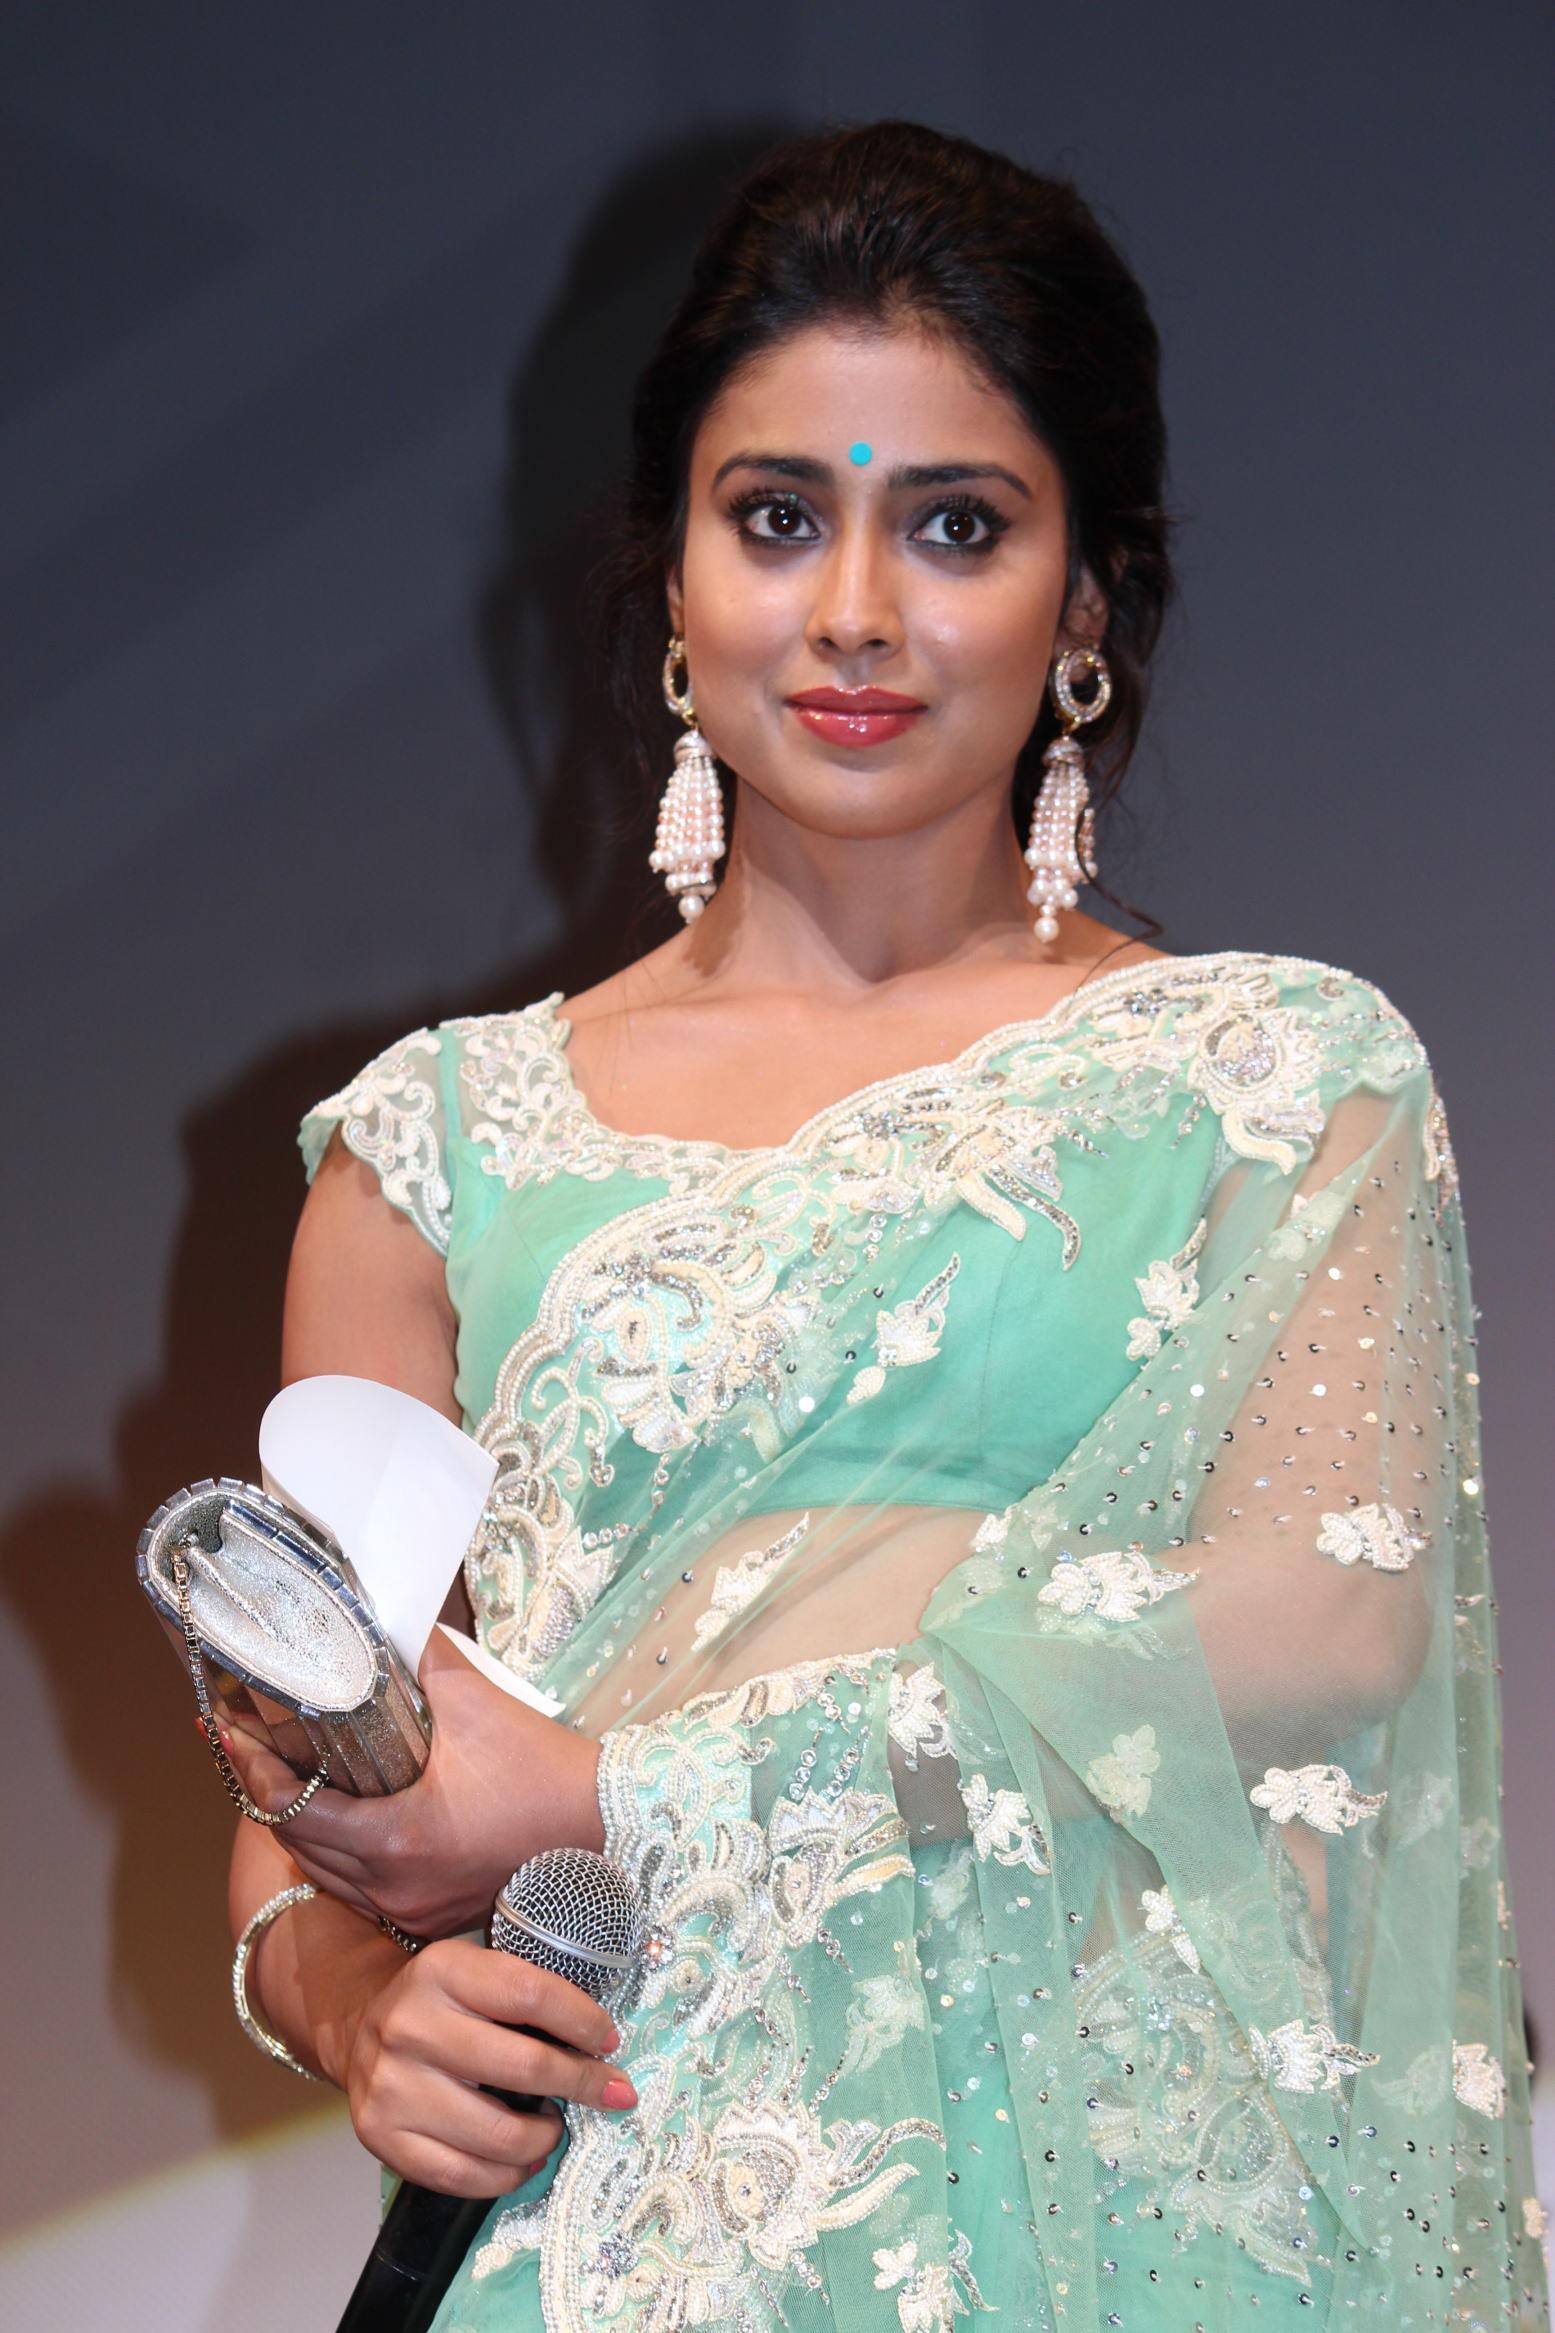 インドの人気女優シュリヤー・サランが初来日、ファンの歓声に思わず涙